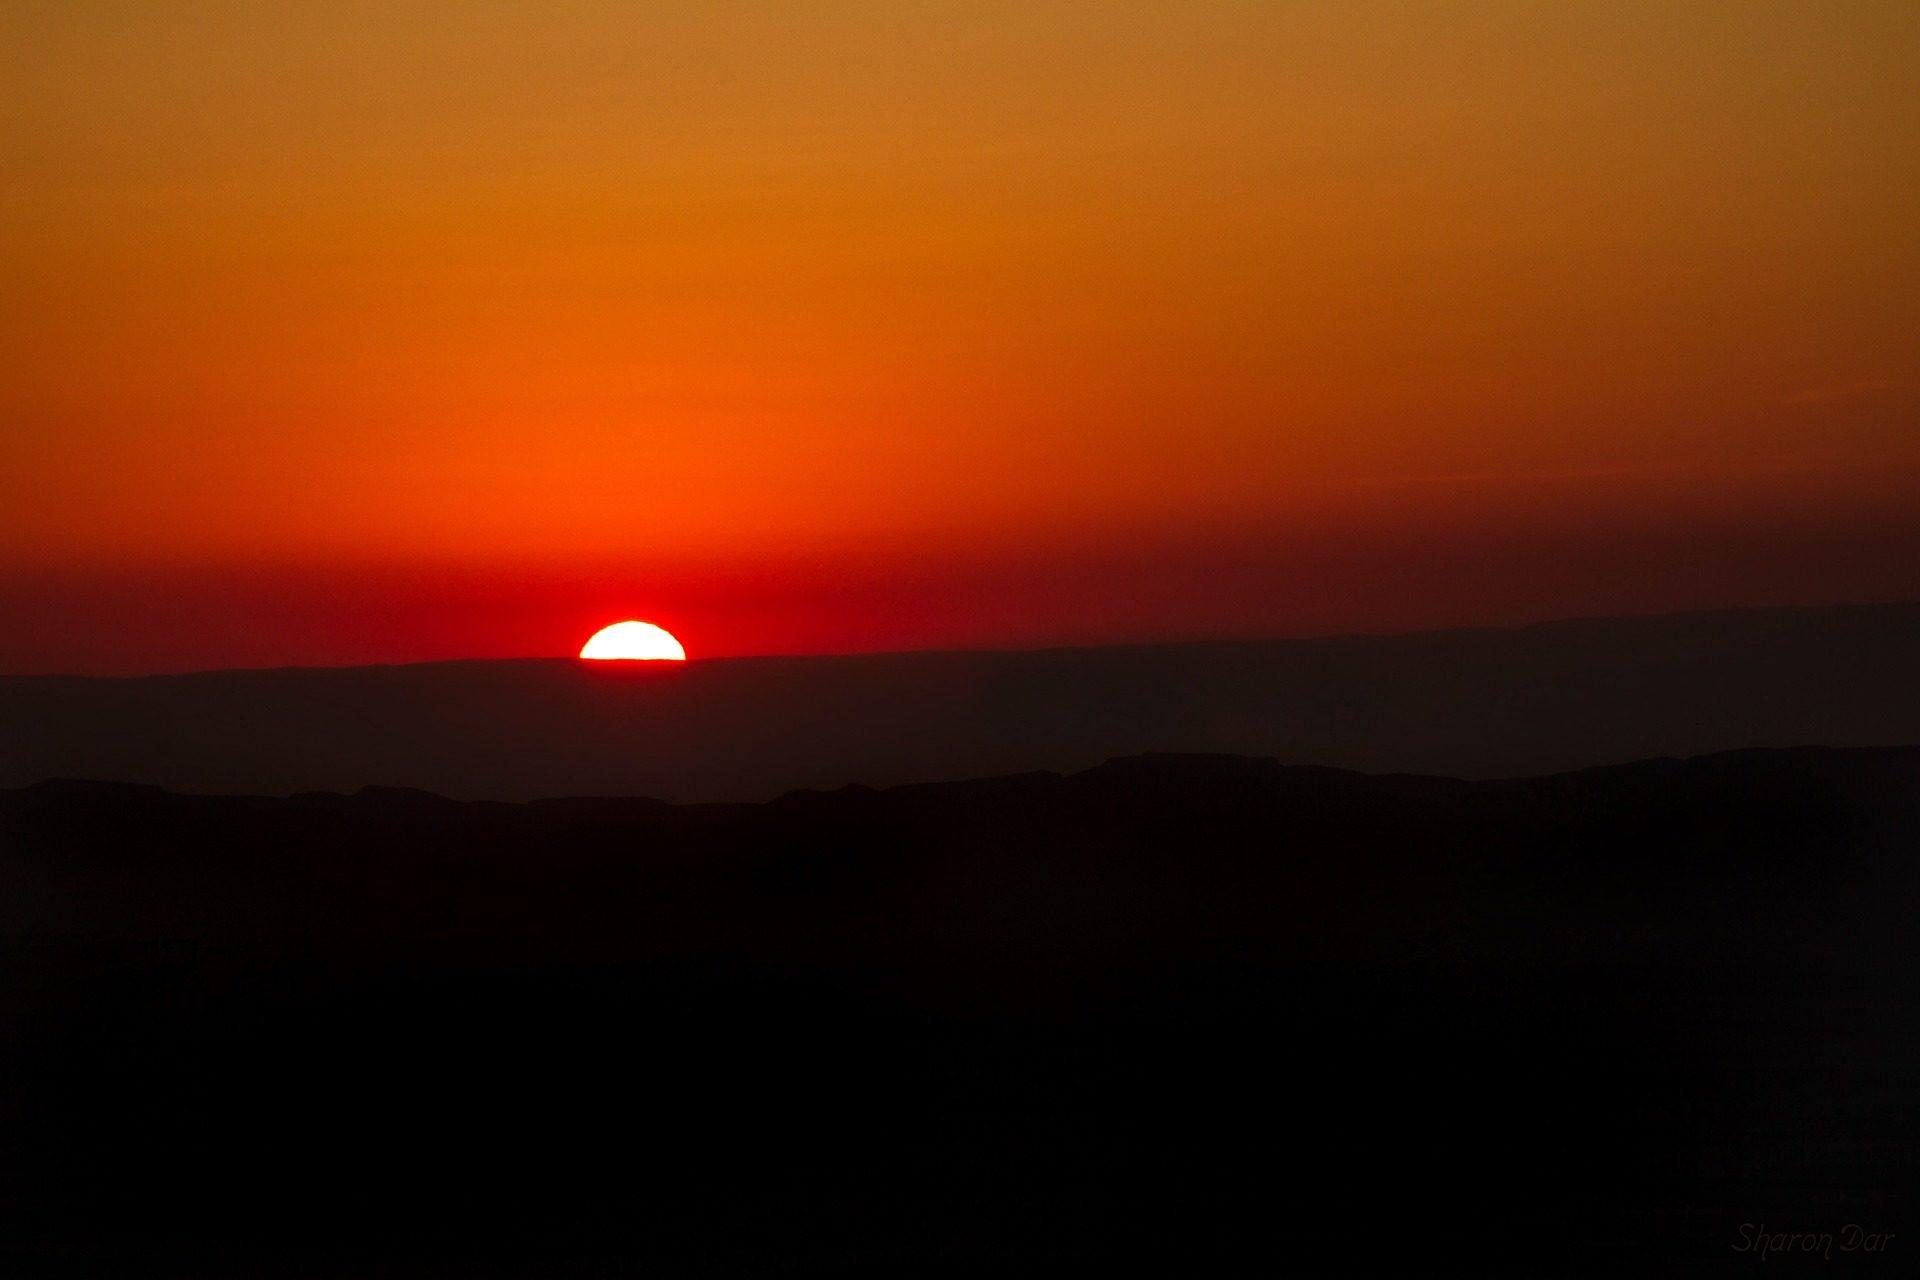 Закат, Горизонт, Солнце, горы, свет, Оранжевый, Небо - Обои HD - Профессор falken.com